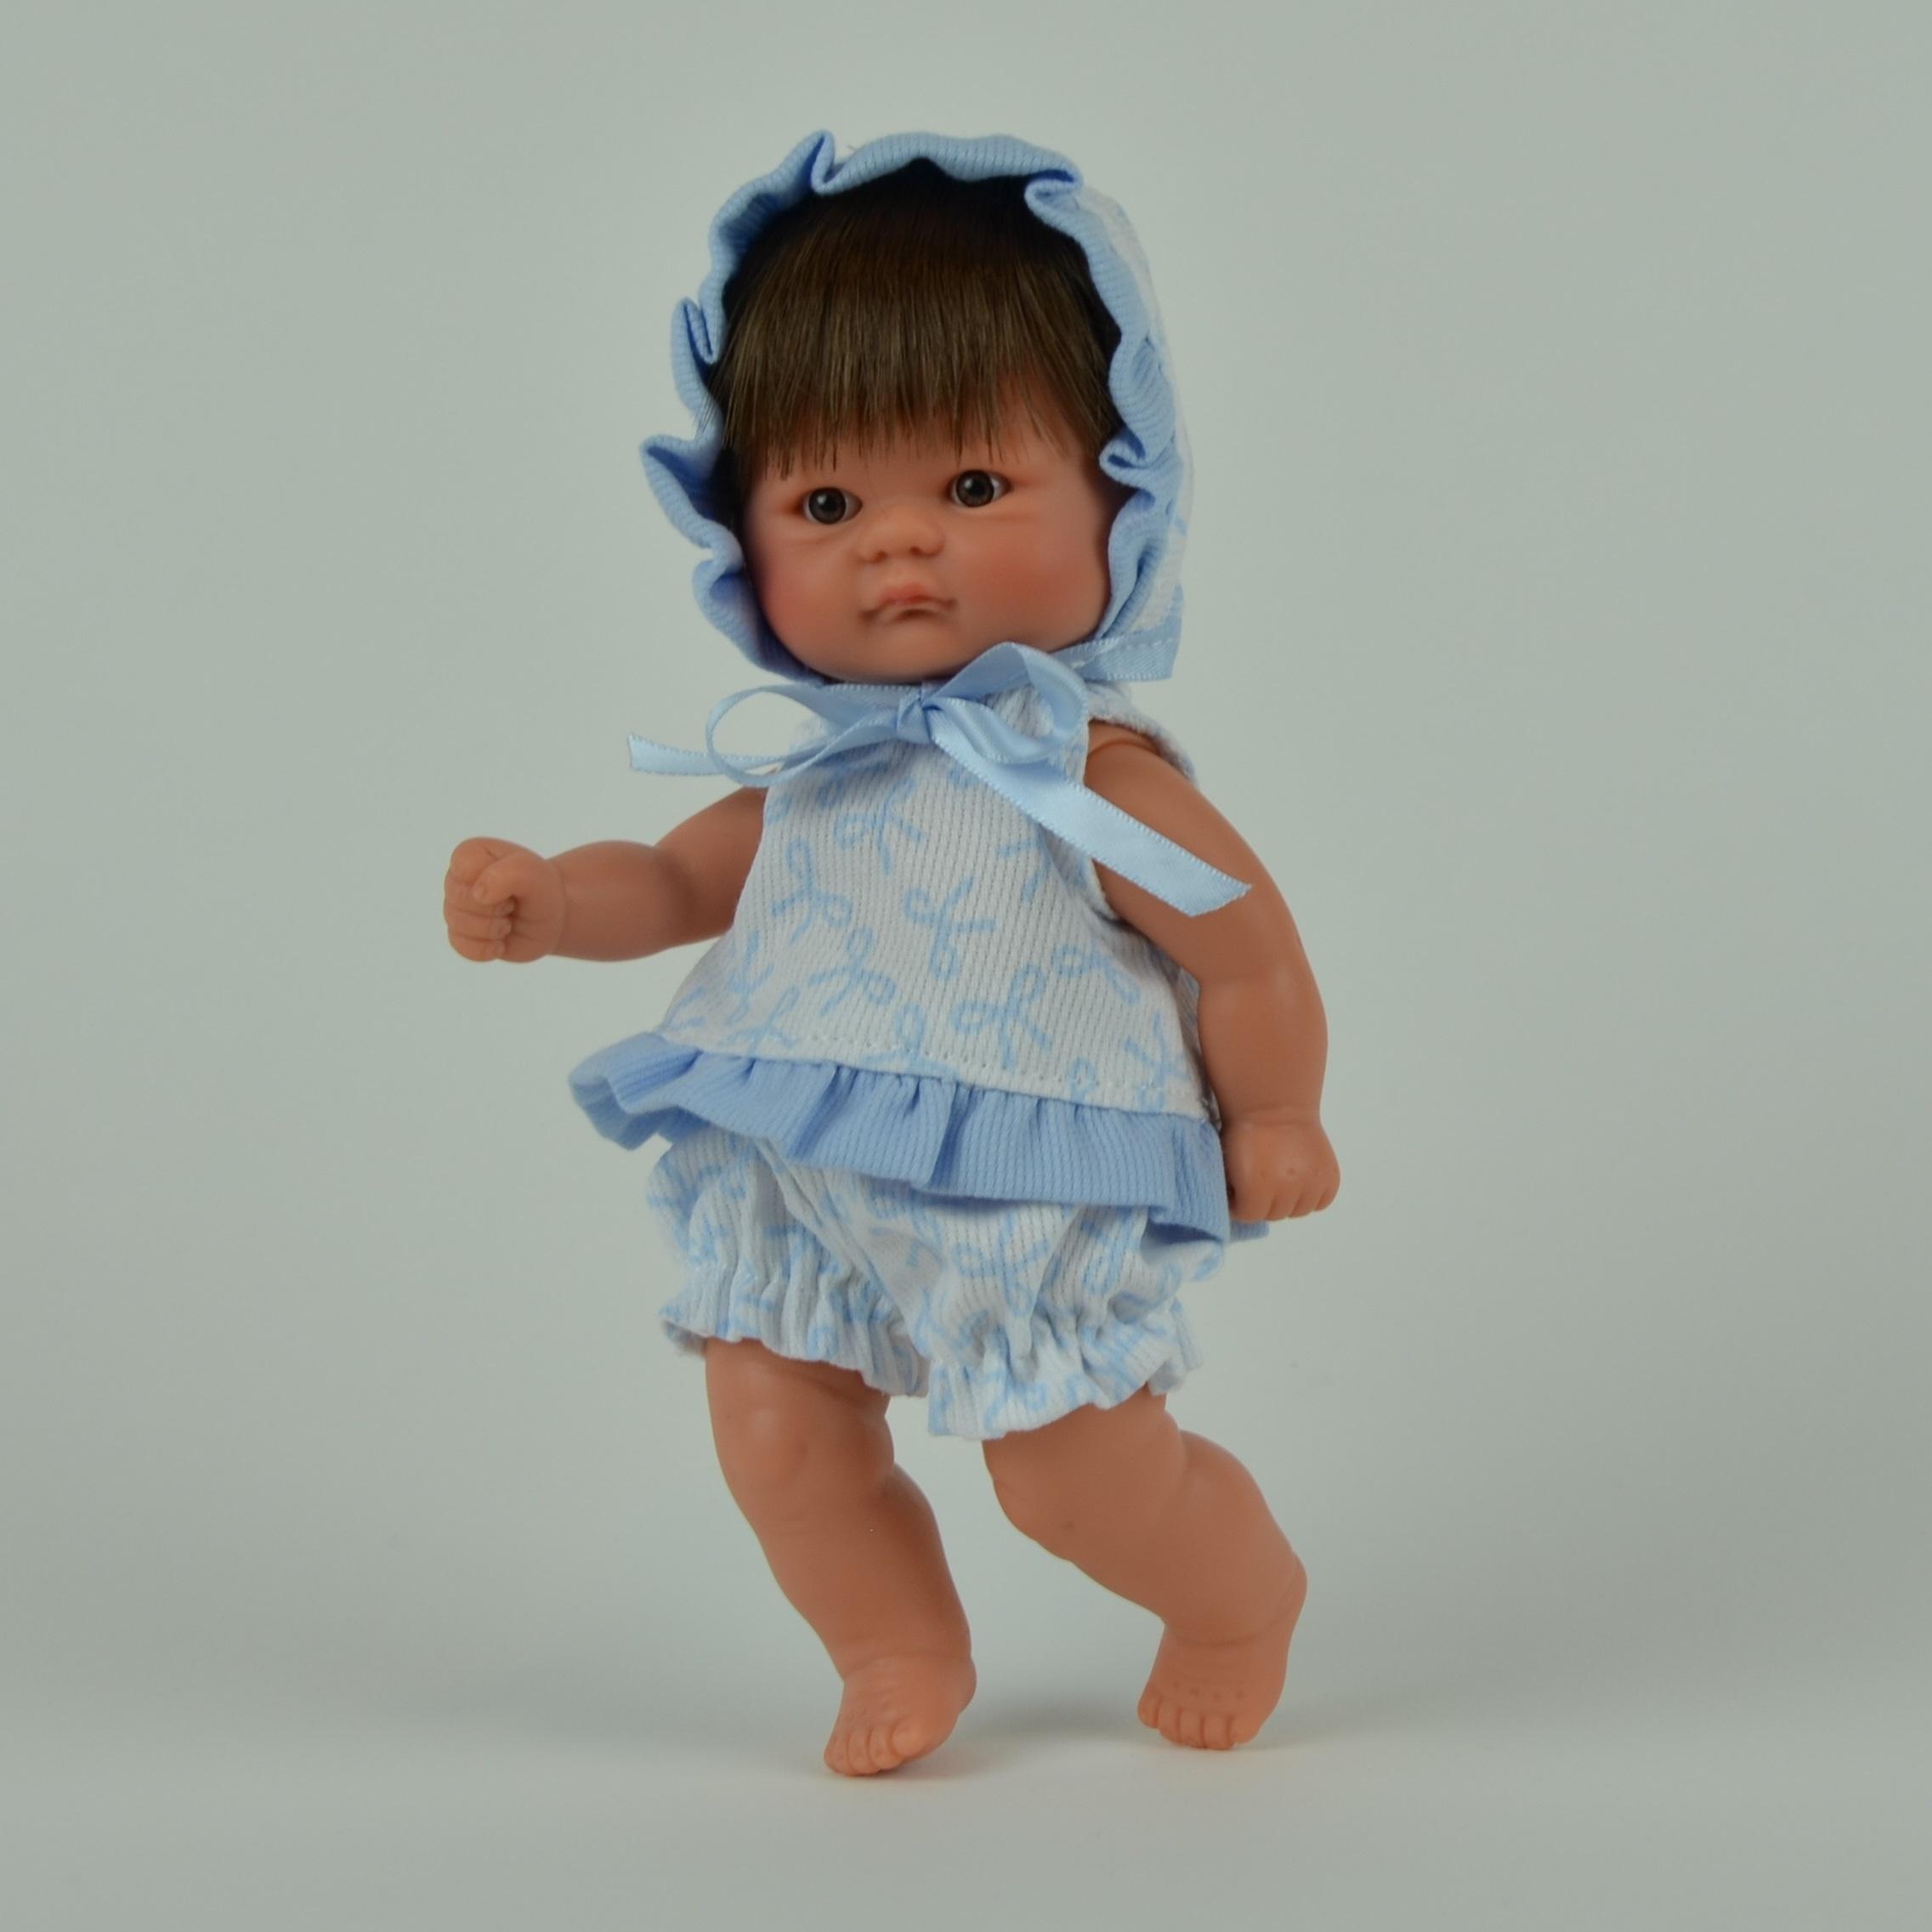 Кукла пупсик в синем костюмчике, 20 см.Куклы ASI (Испания)<br>Кукла пупсик в синем костюмчике, 20 см.<br>